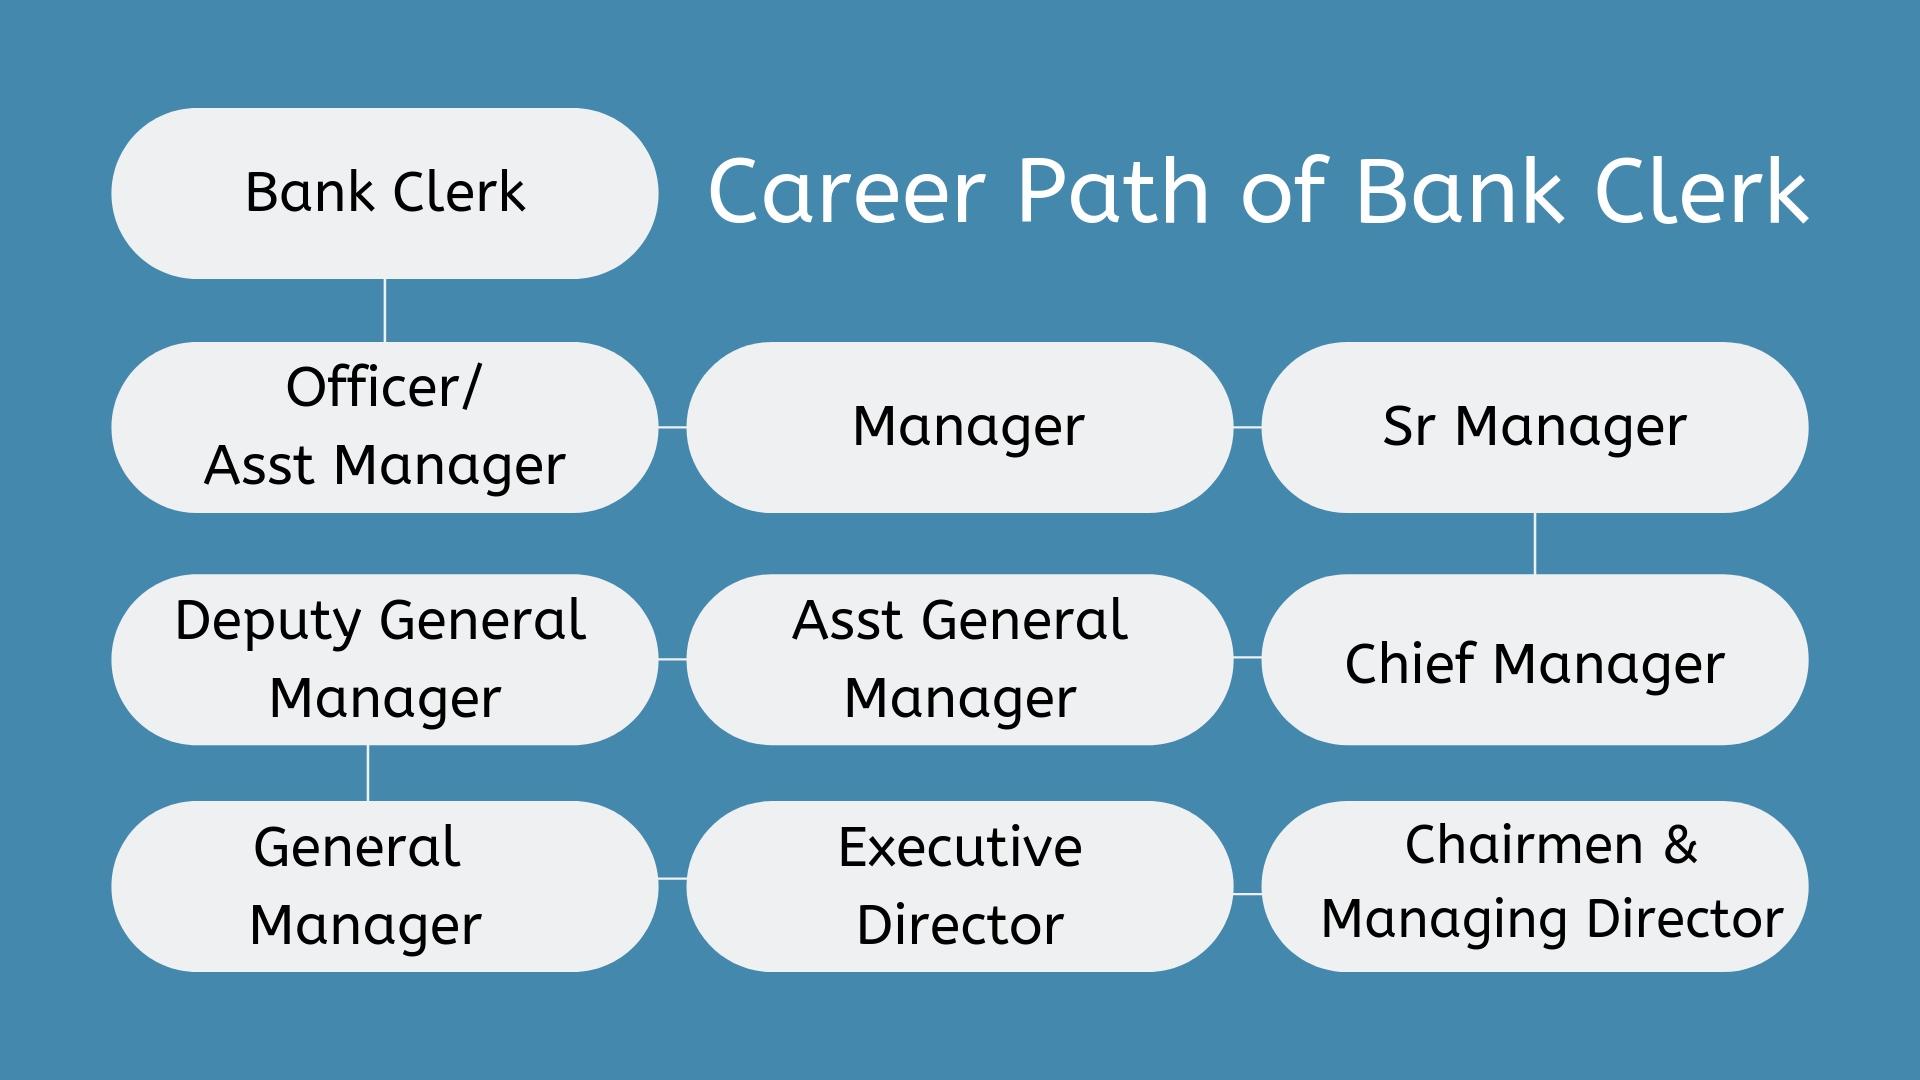 Career Path of Bank Clerk